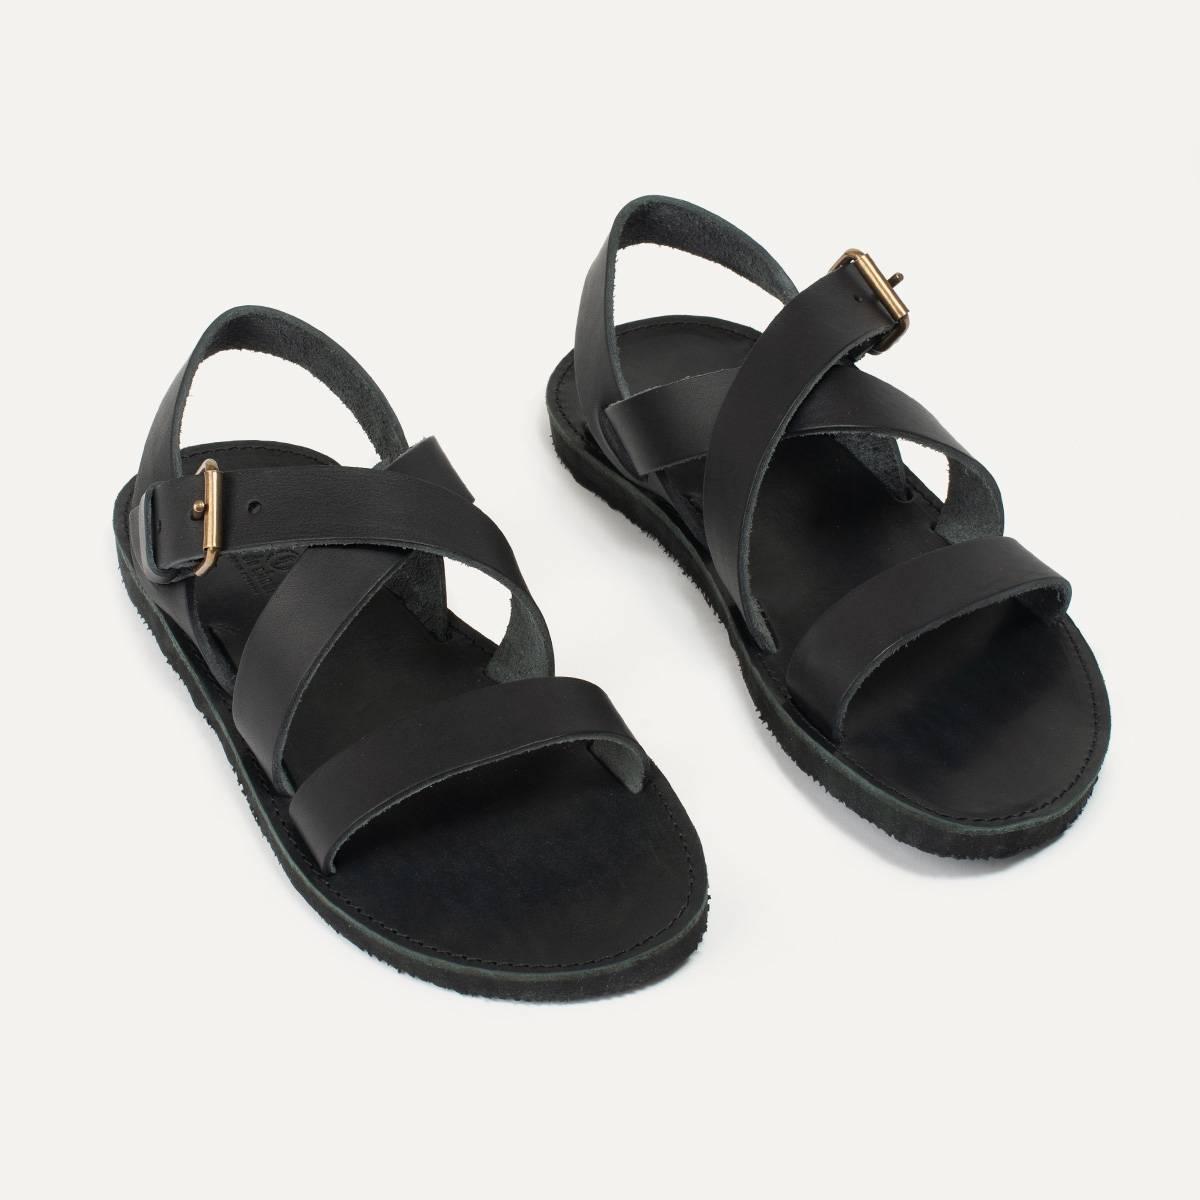 Iwate leather sandals - Black (image n°5)